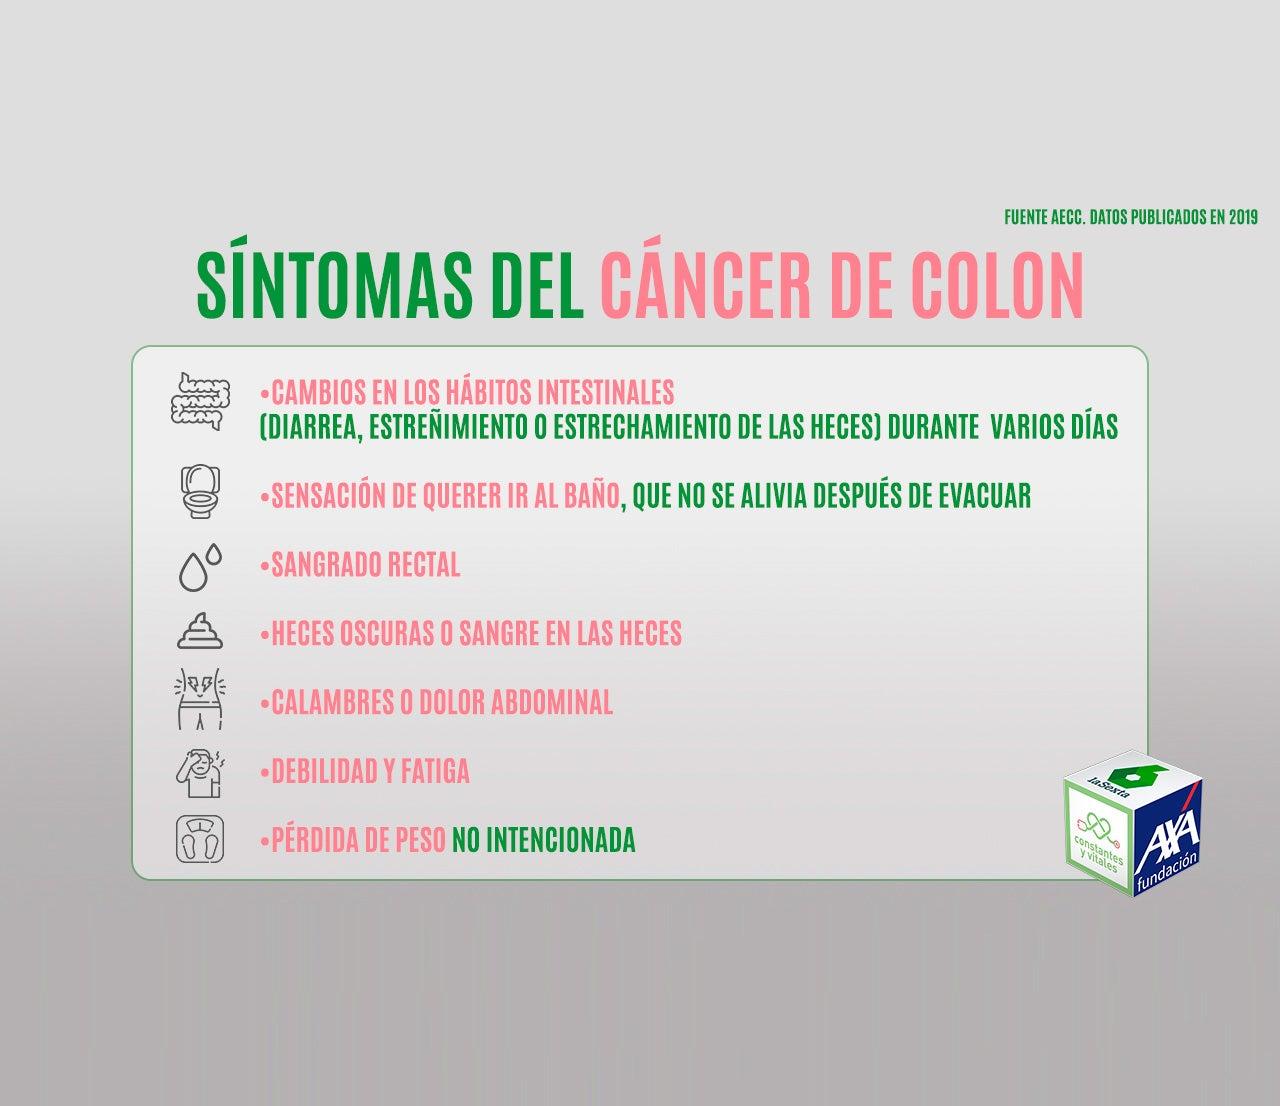 Síntomas del cáncer de colon en cifras